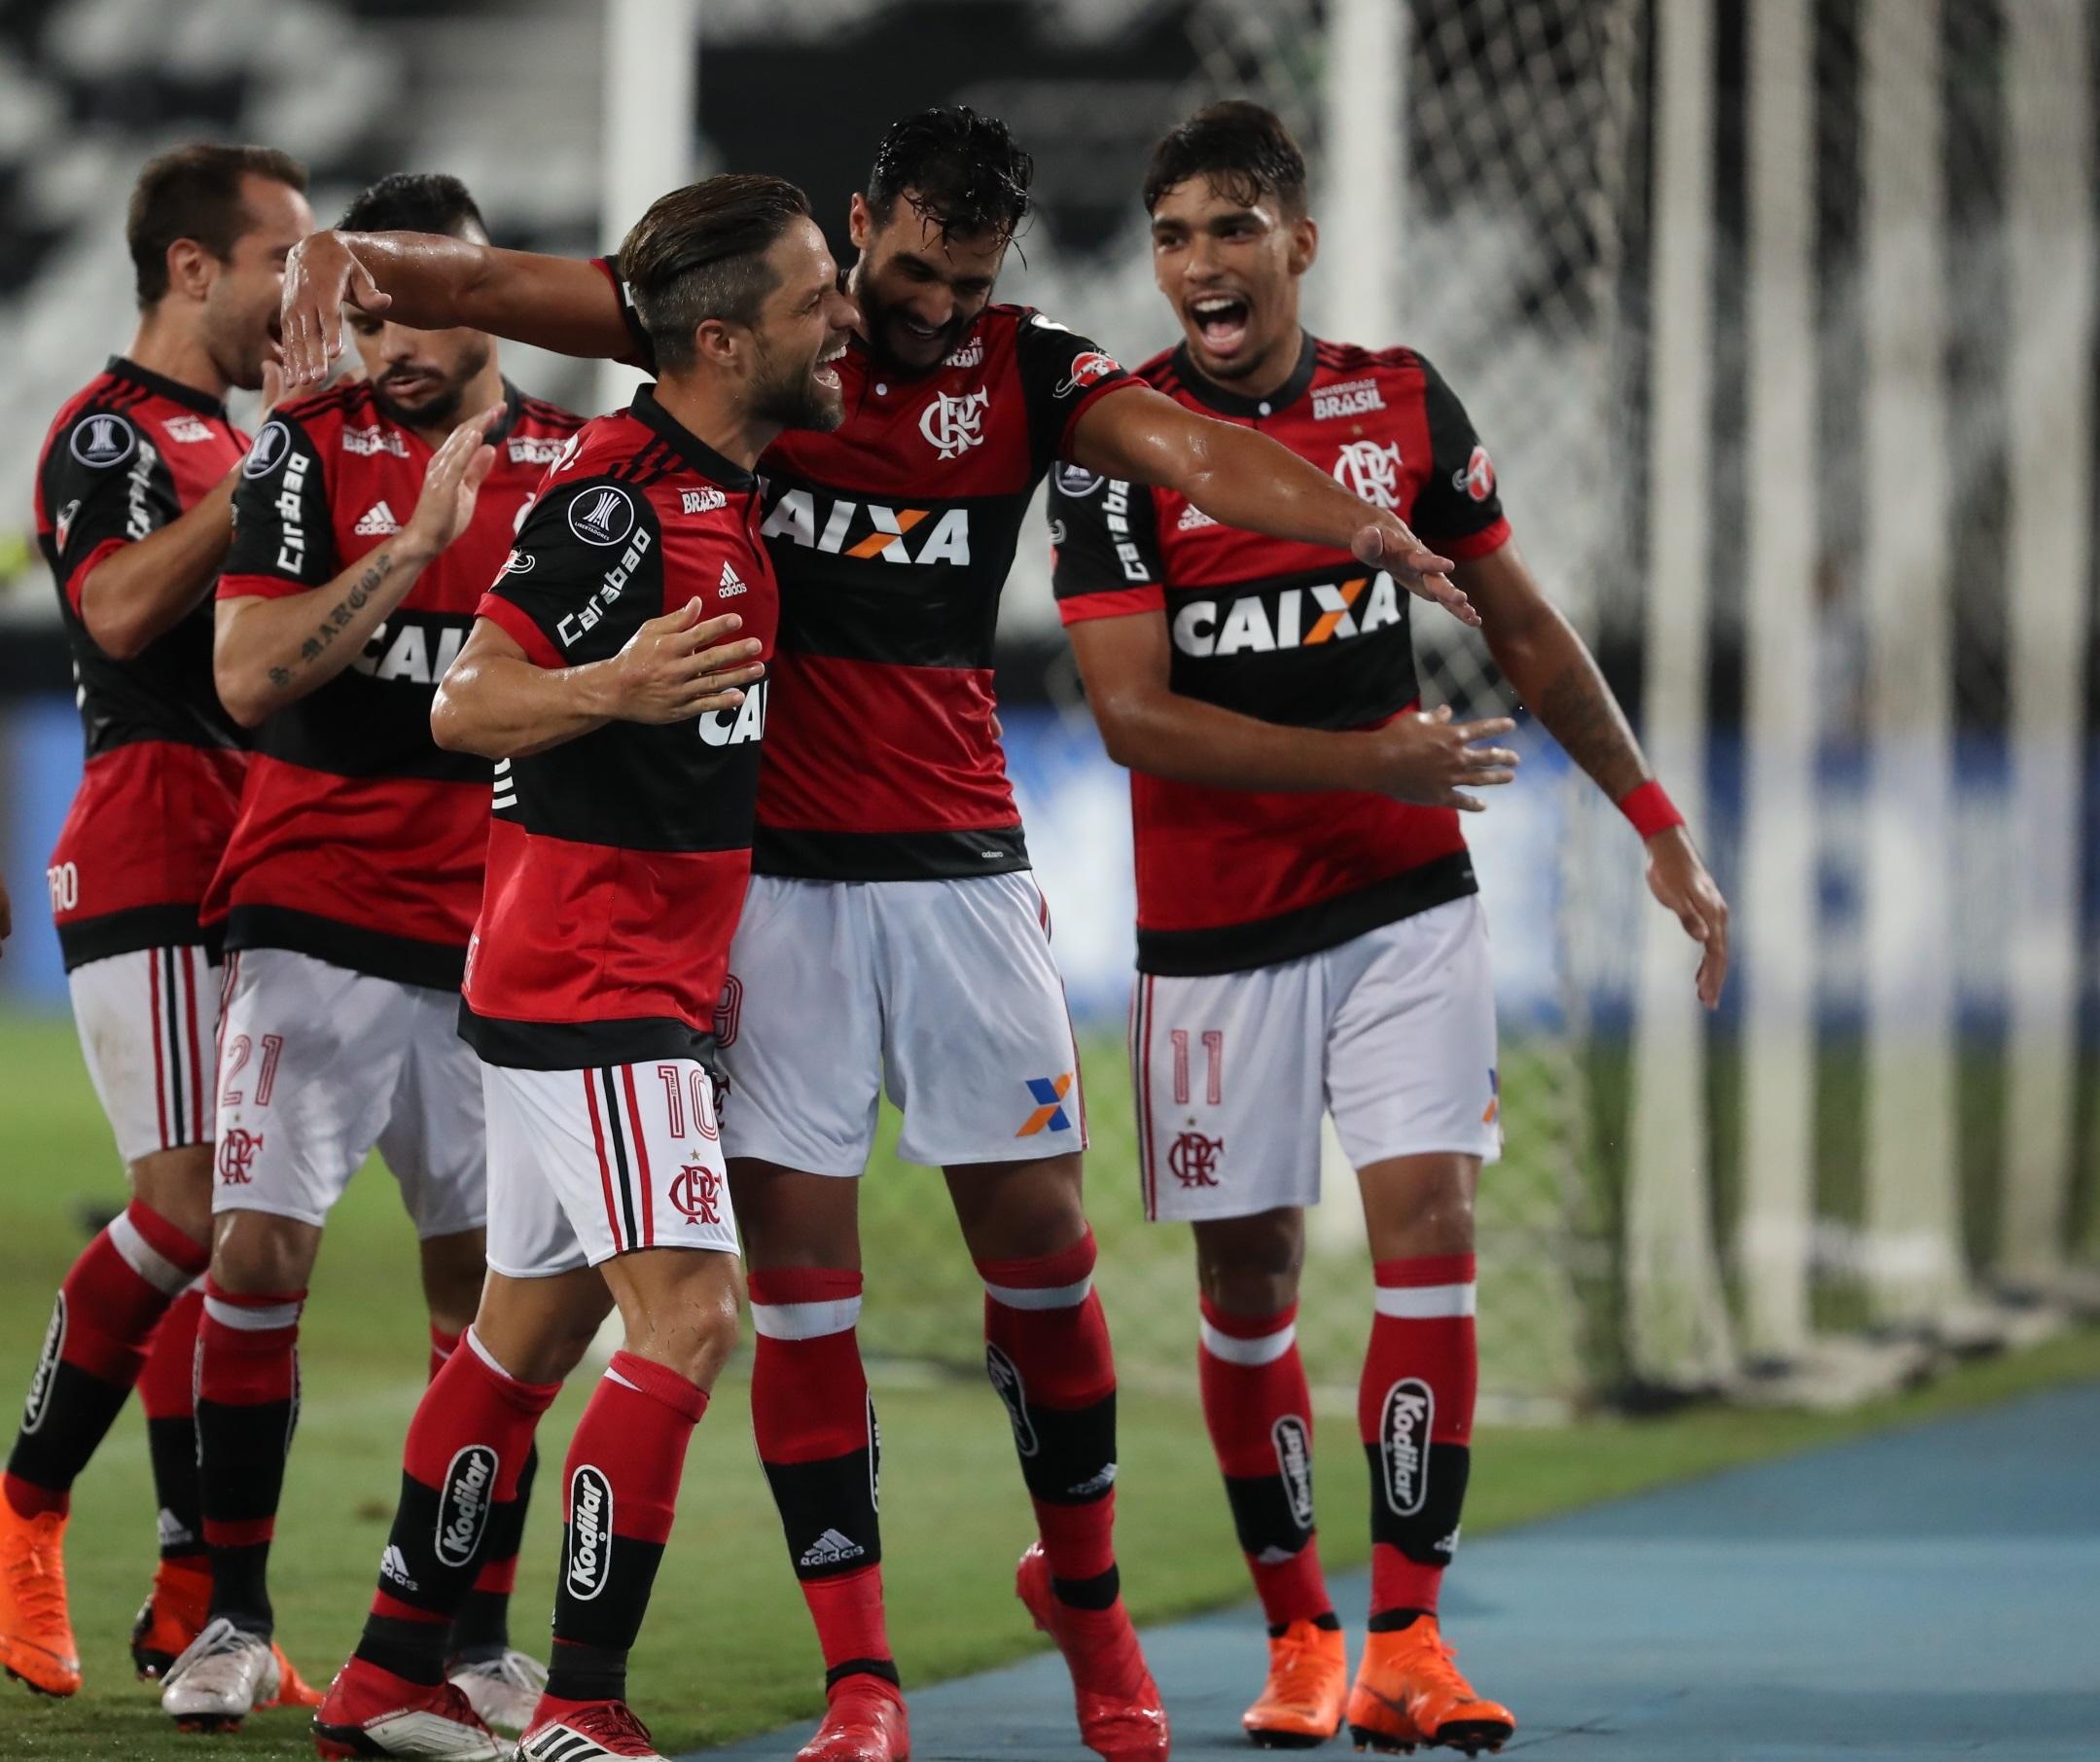 Com Libertadores Flamengo Deve Enfrentar Maratona De Jogos